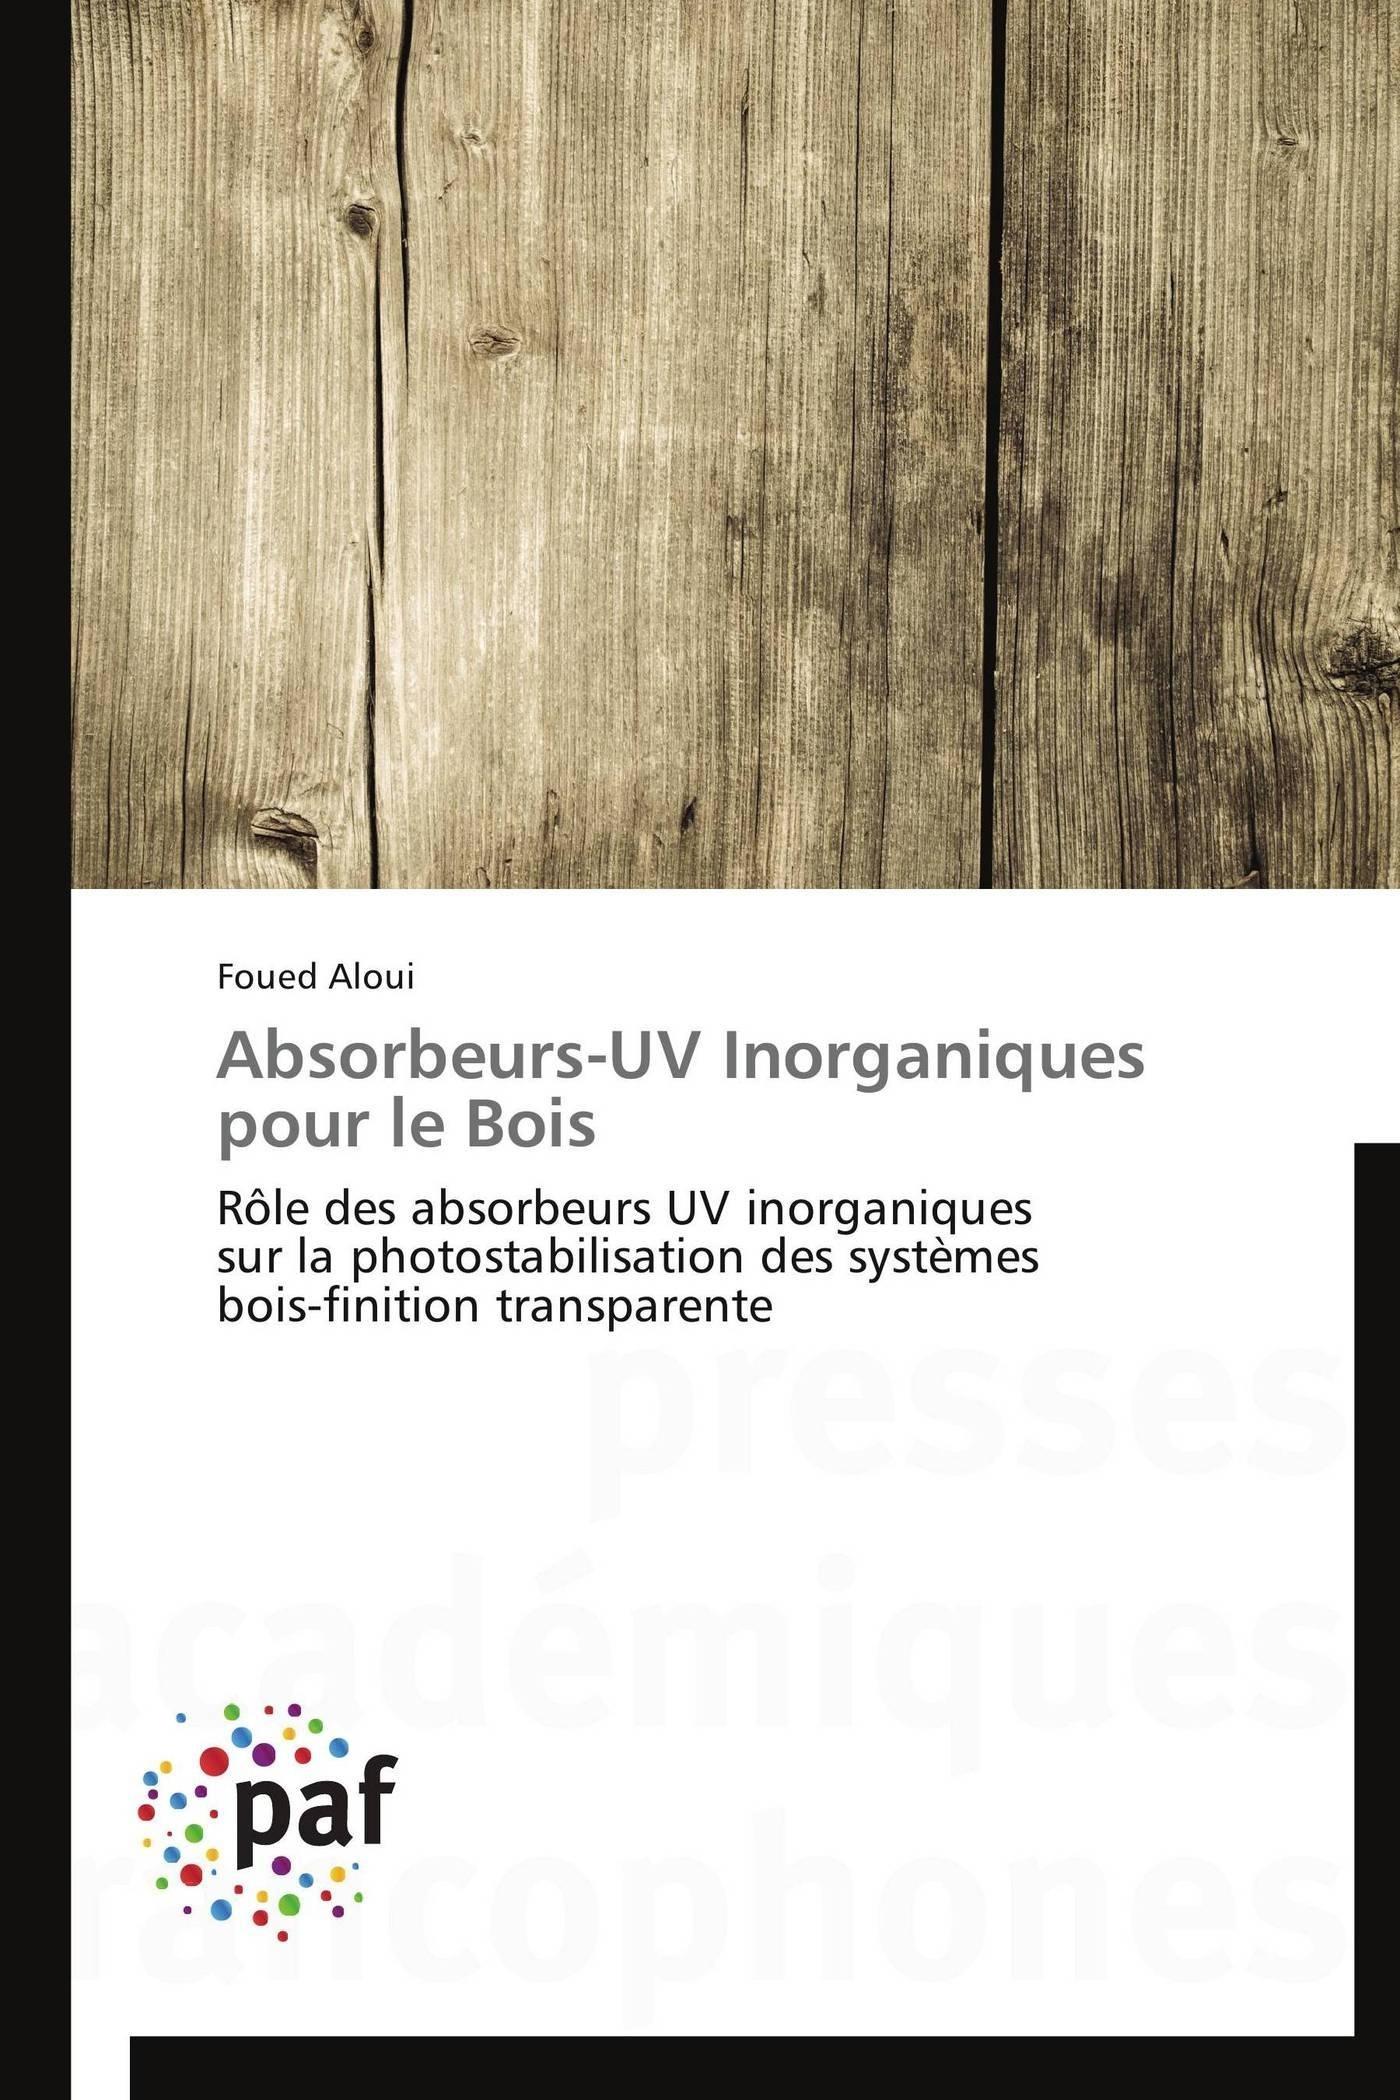 ABSORBEURS-UV INORGANIQUES POUR LE BOIS